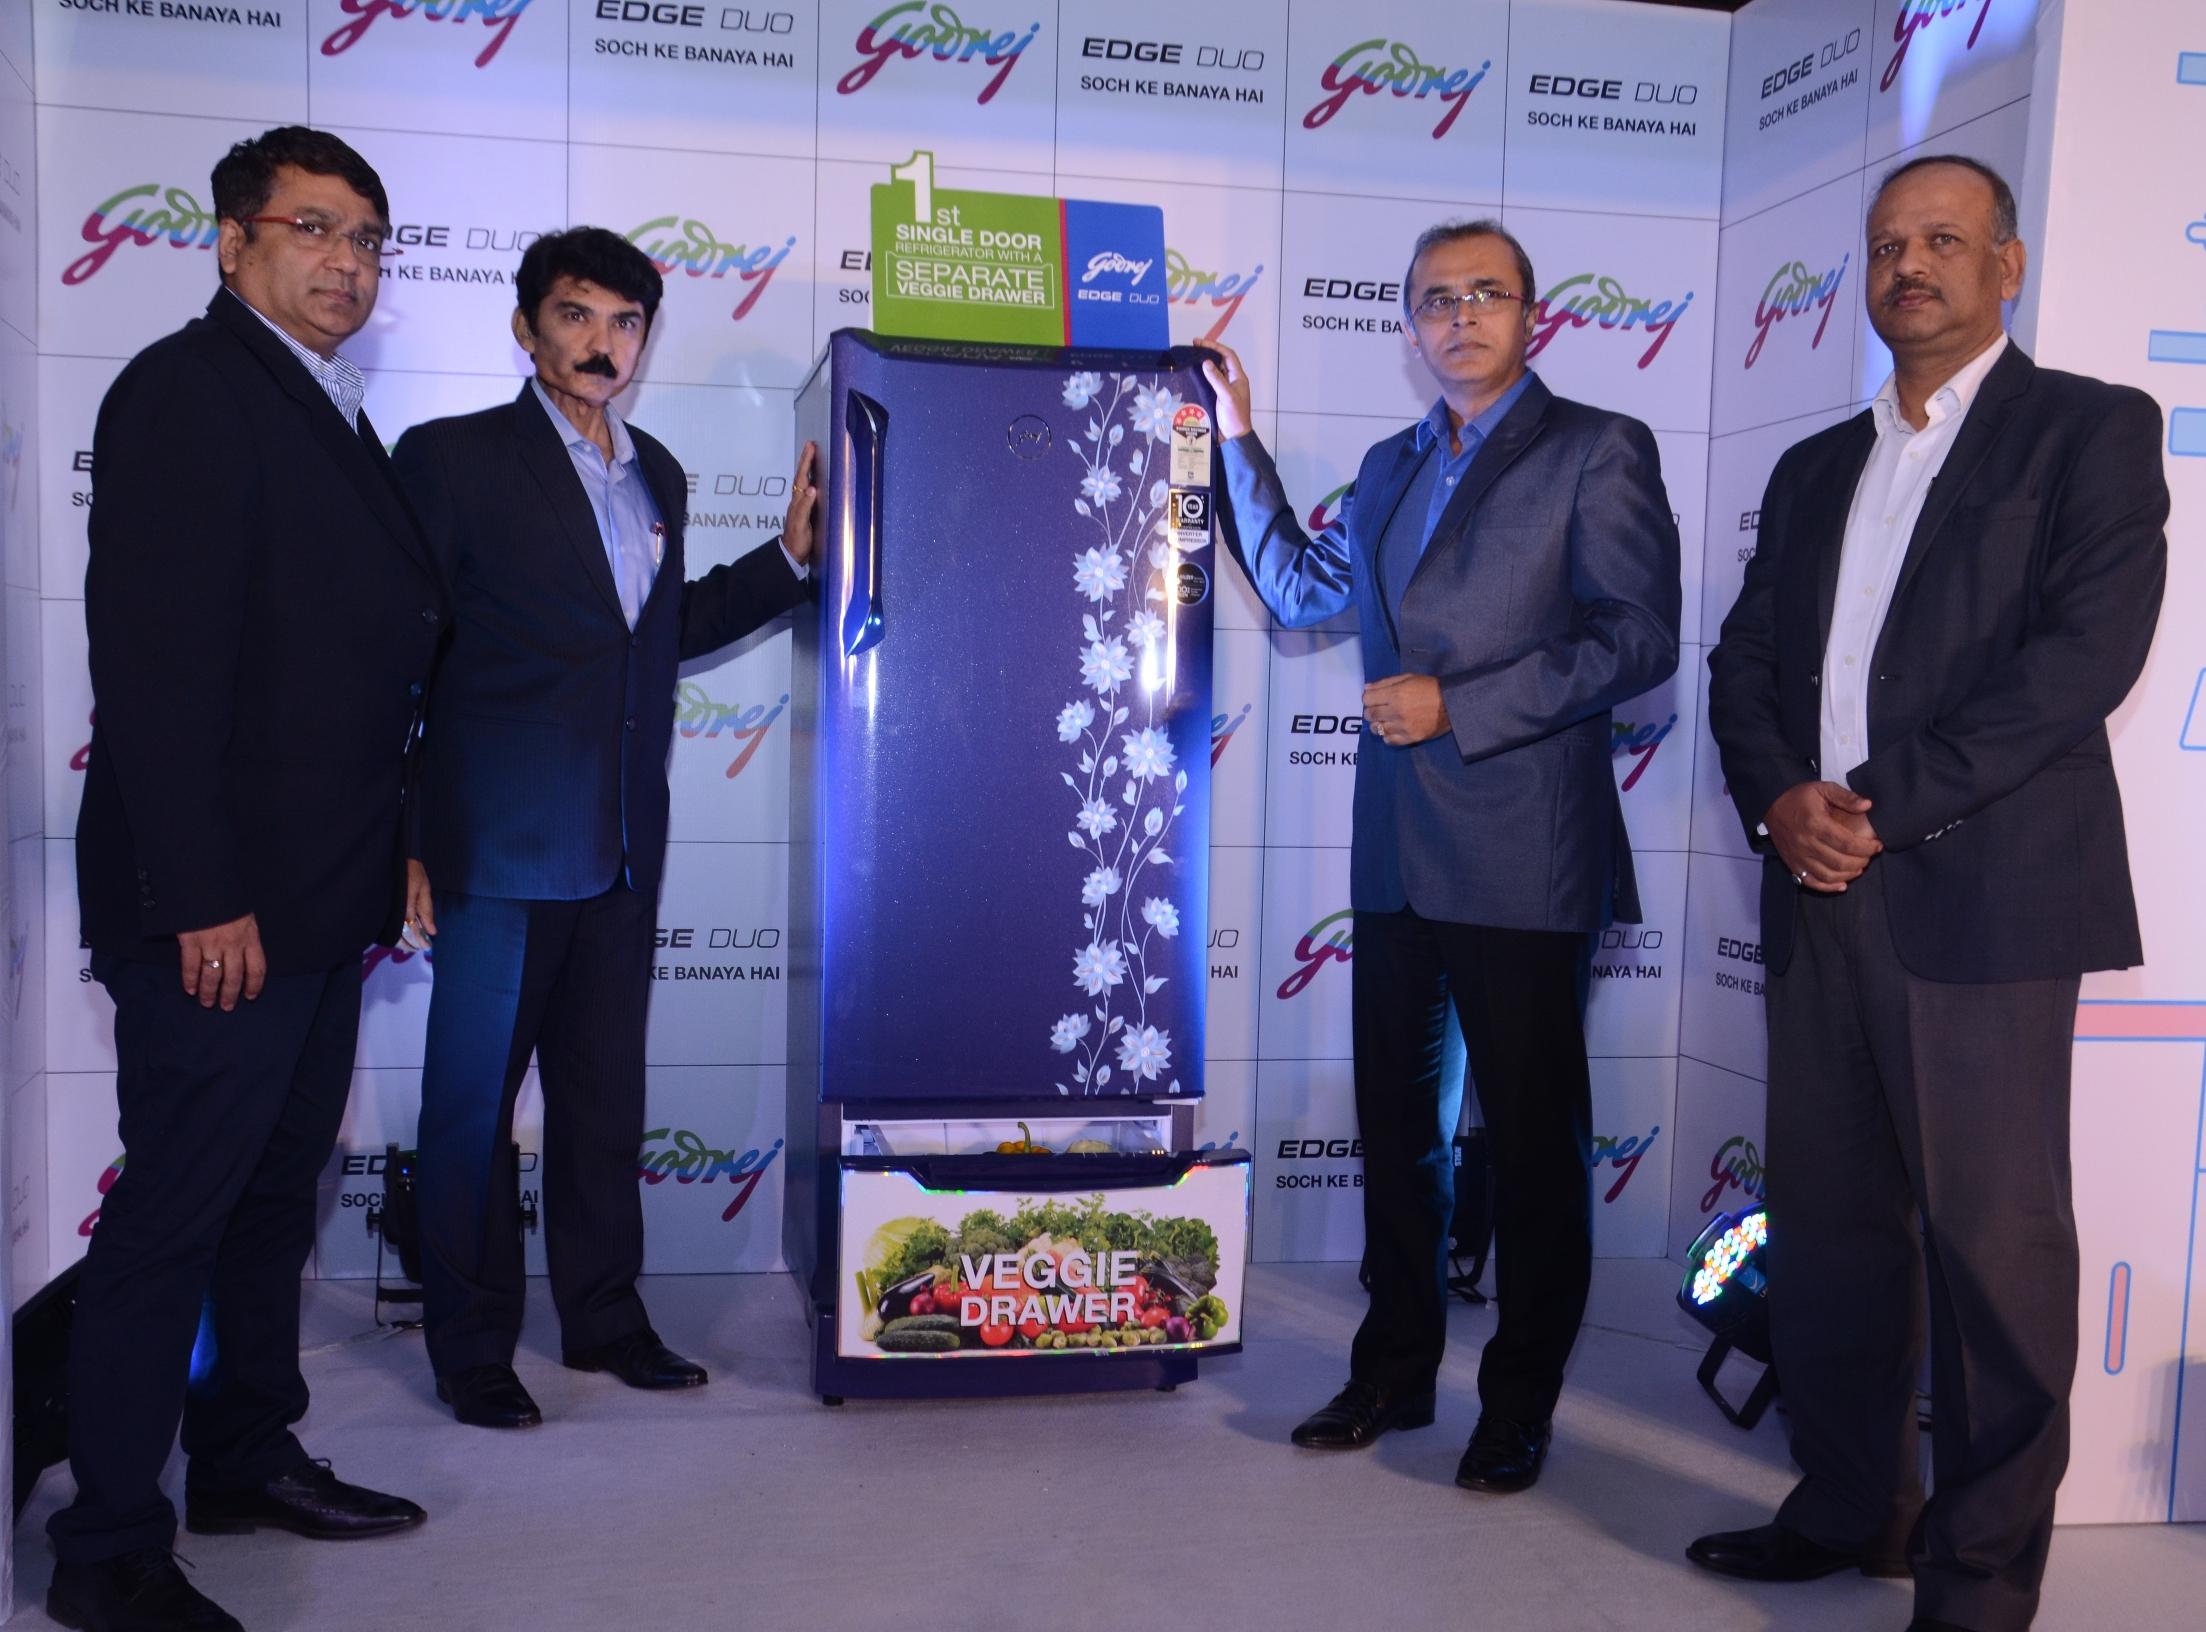 स्वतंत्र व्हेजिटेबल ड्रॉवर असलेला भारतातील पहिला सिंगल डोअर रेफ्रिजरेटर सादर